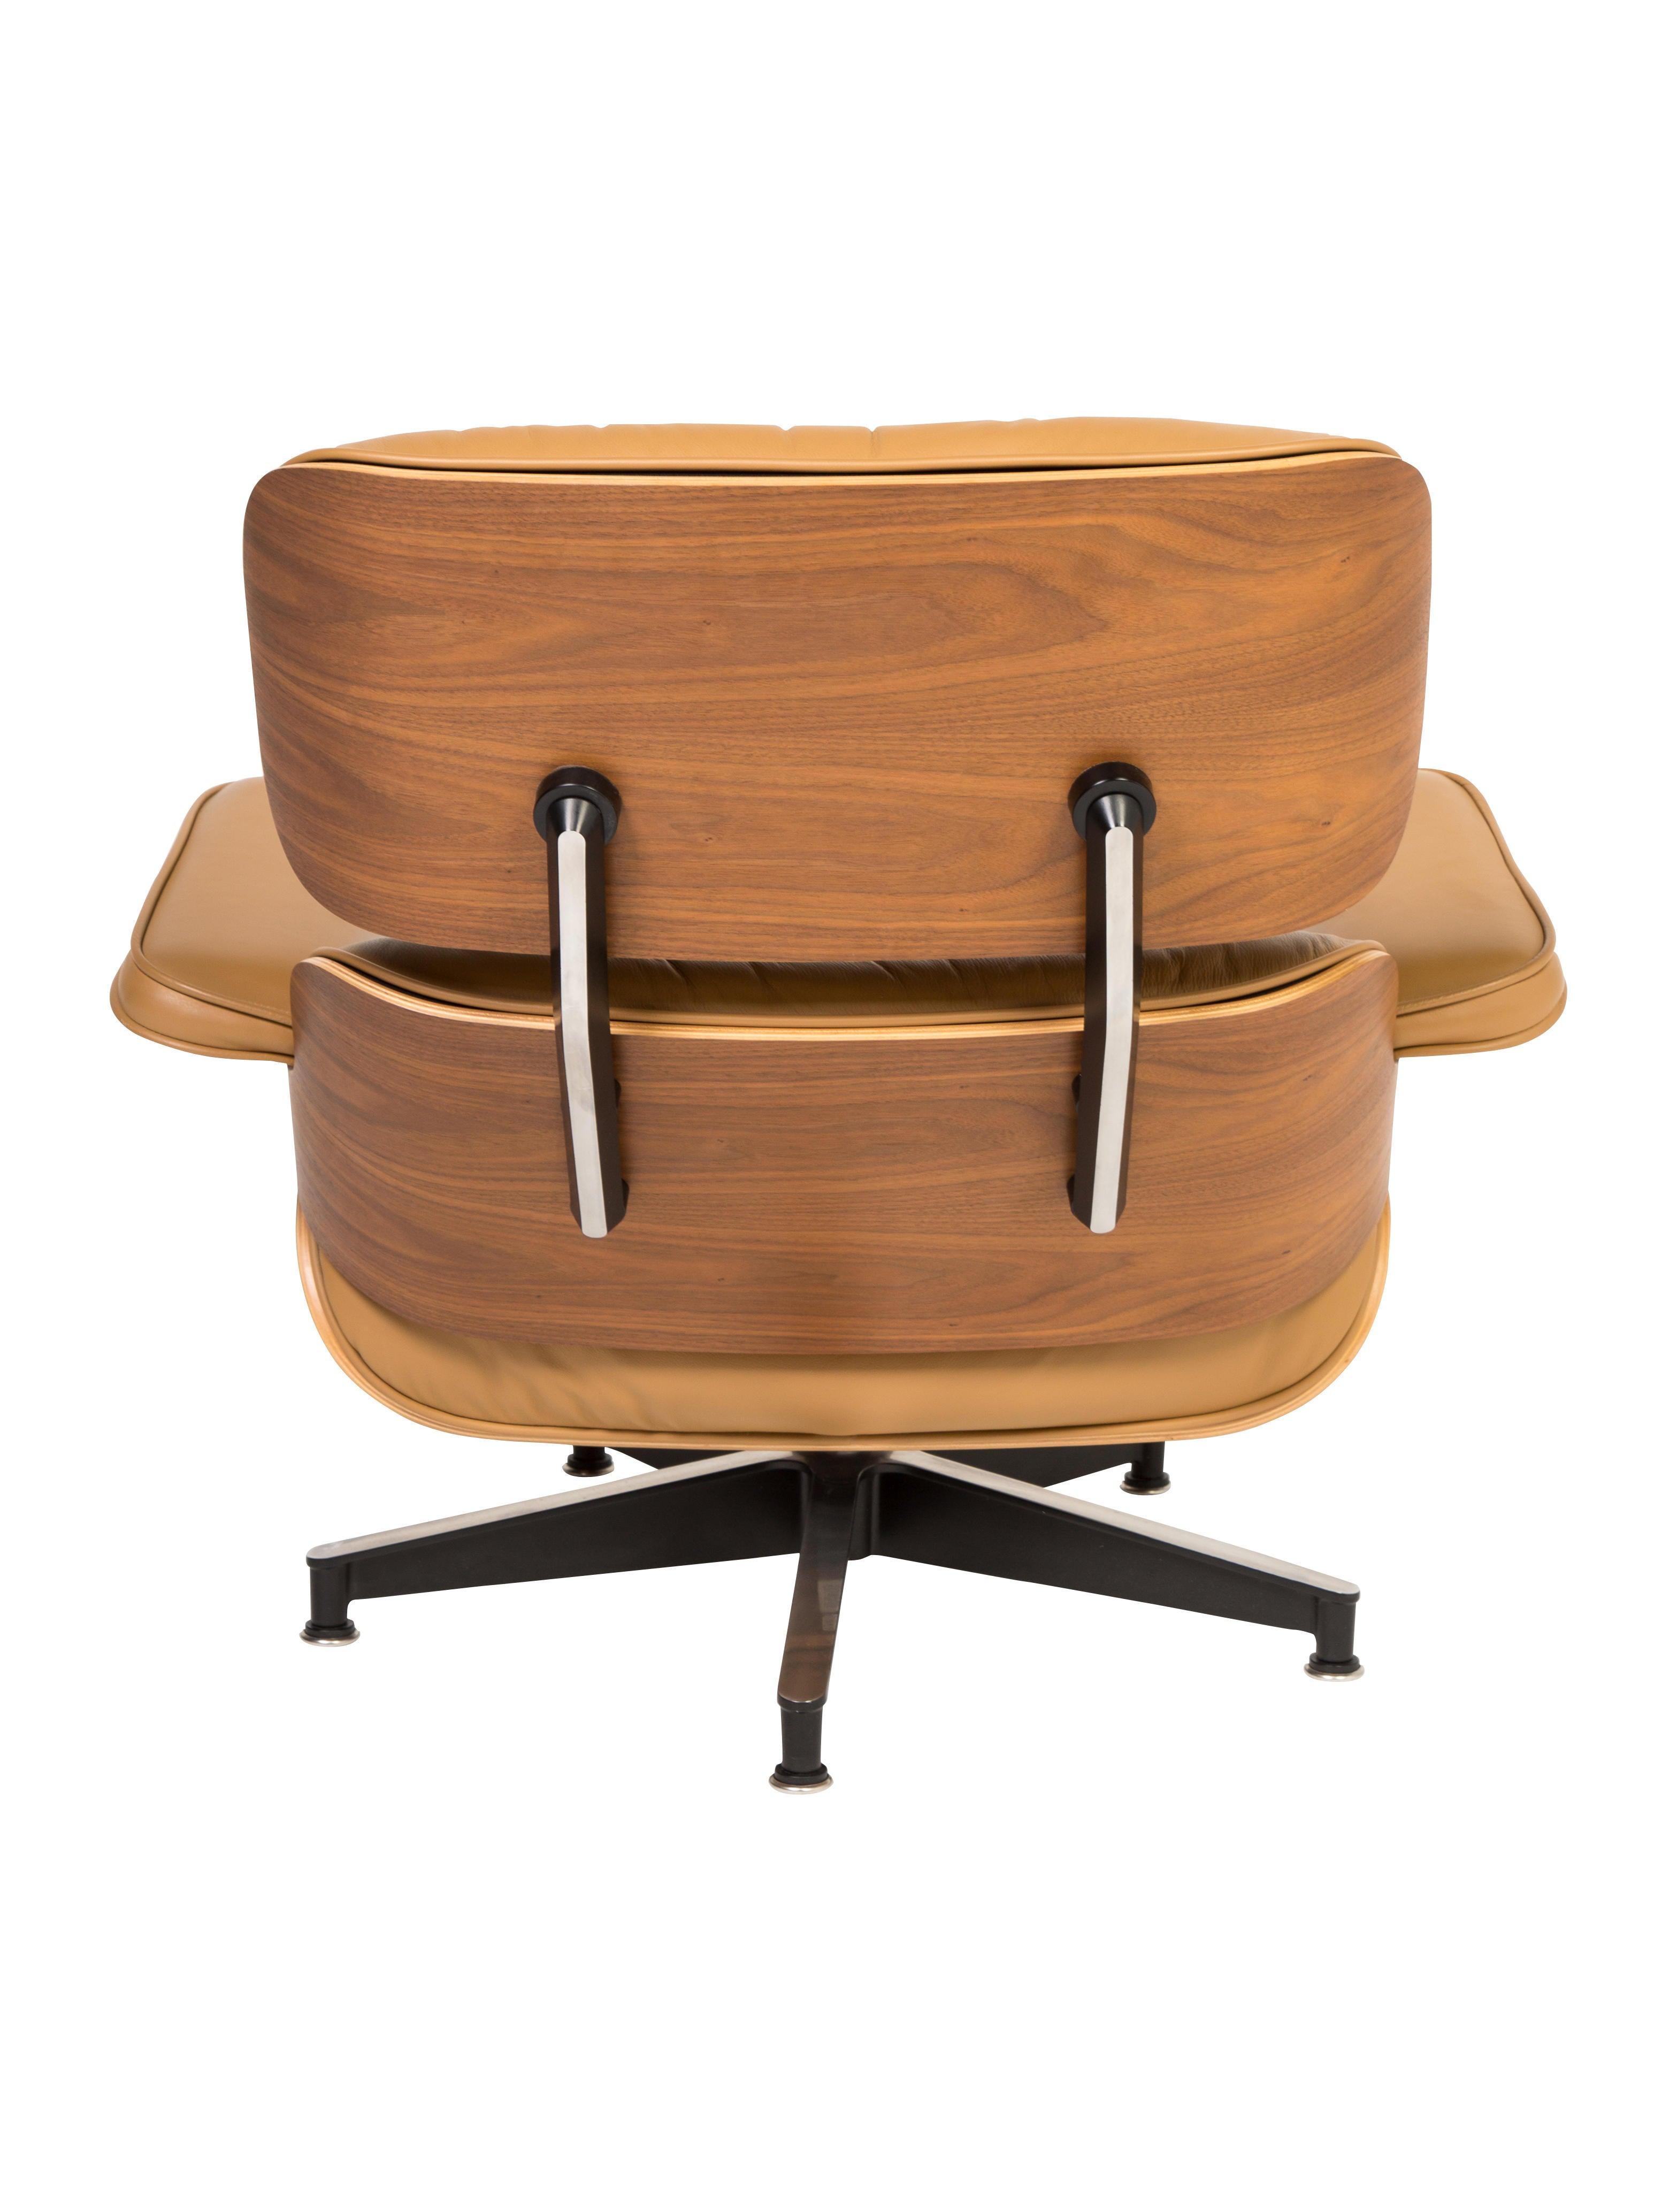 Herman miller eames lounge chair furniture hrmil20146 for Eames lounge chair nachbau